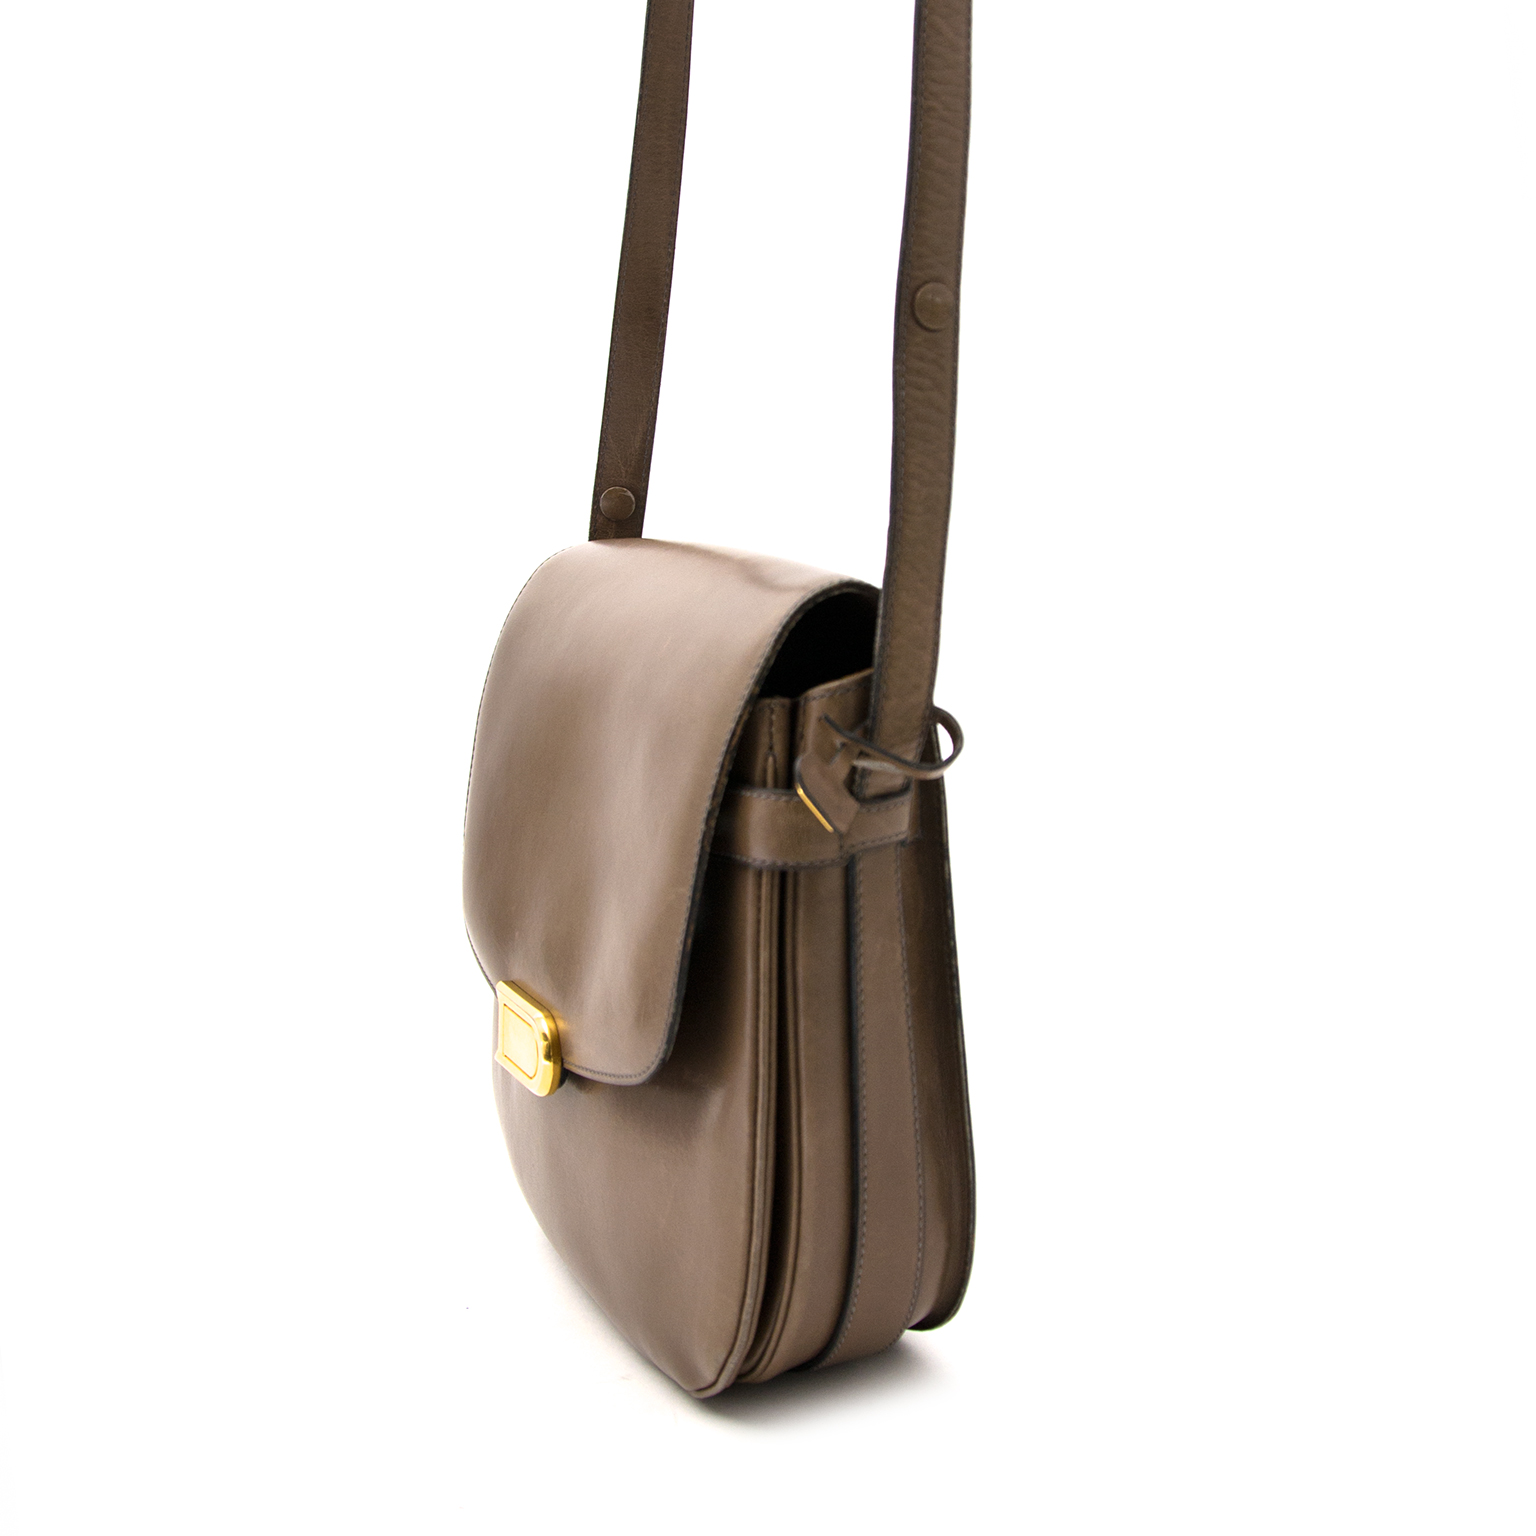 Delvaux Braungraue Schulterhandtasche heute online gegen den besten Preis.